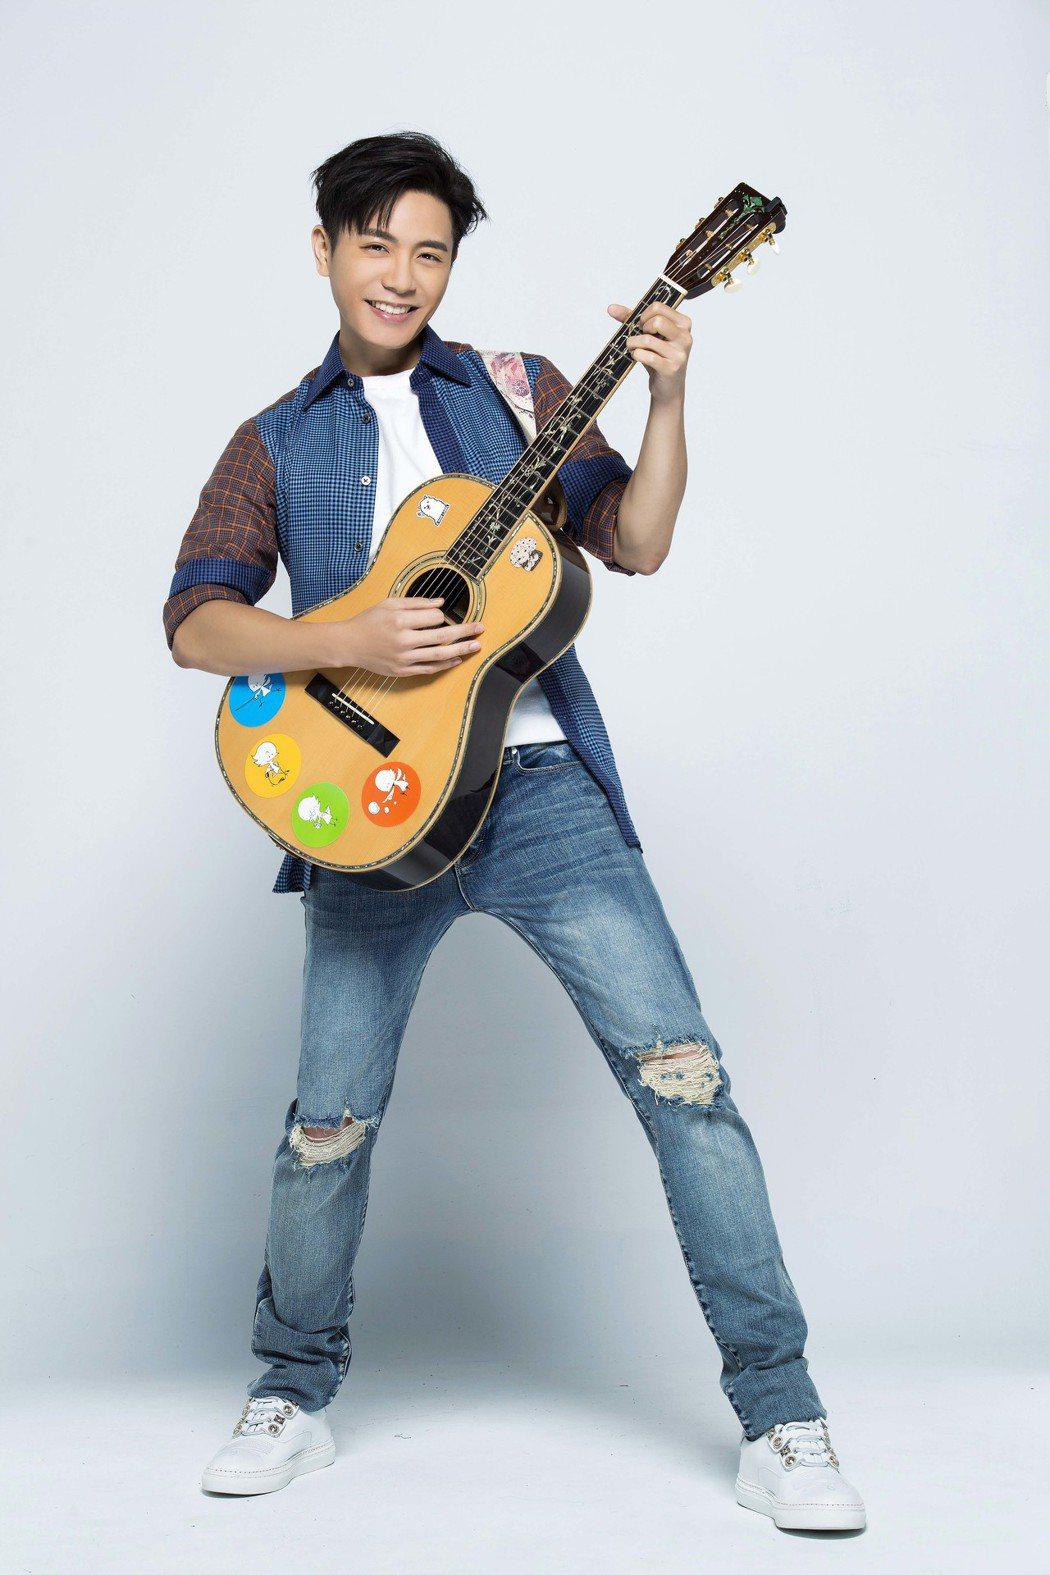 韋禮安為代言品牌創作森巴新曲。圖/福茂提供